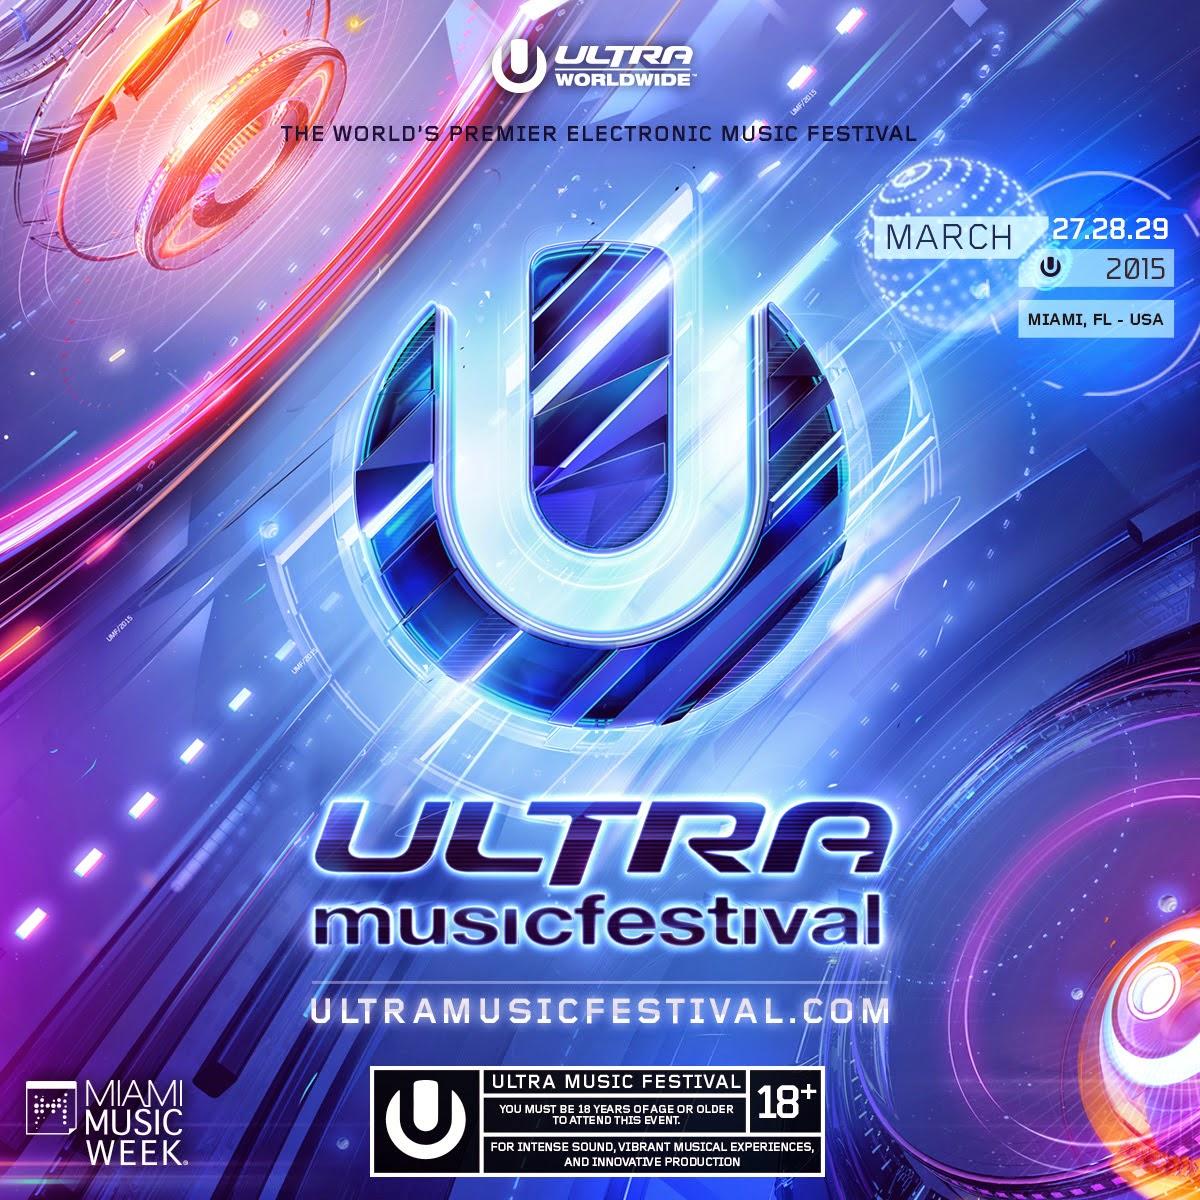 ultra music festival miani 2015